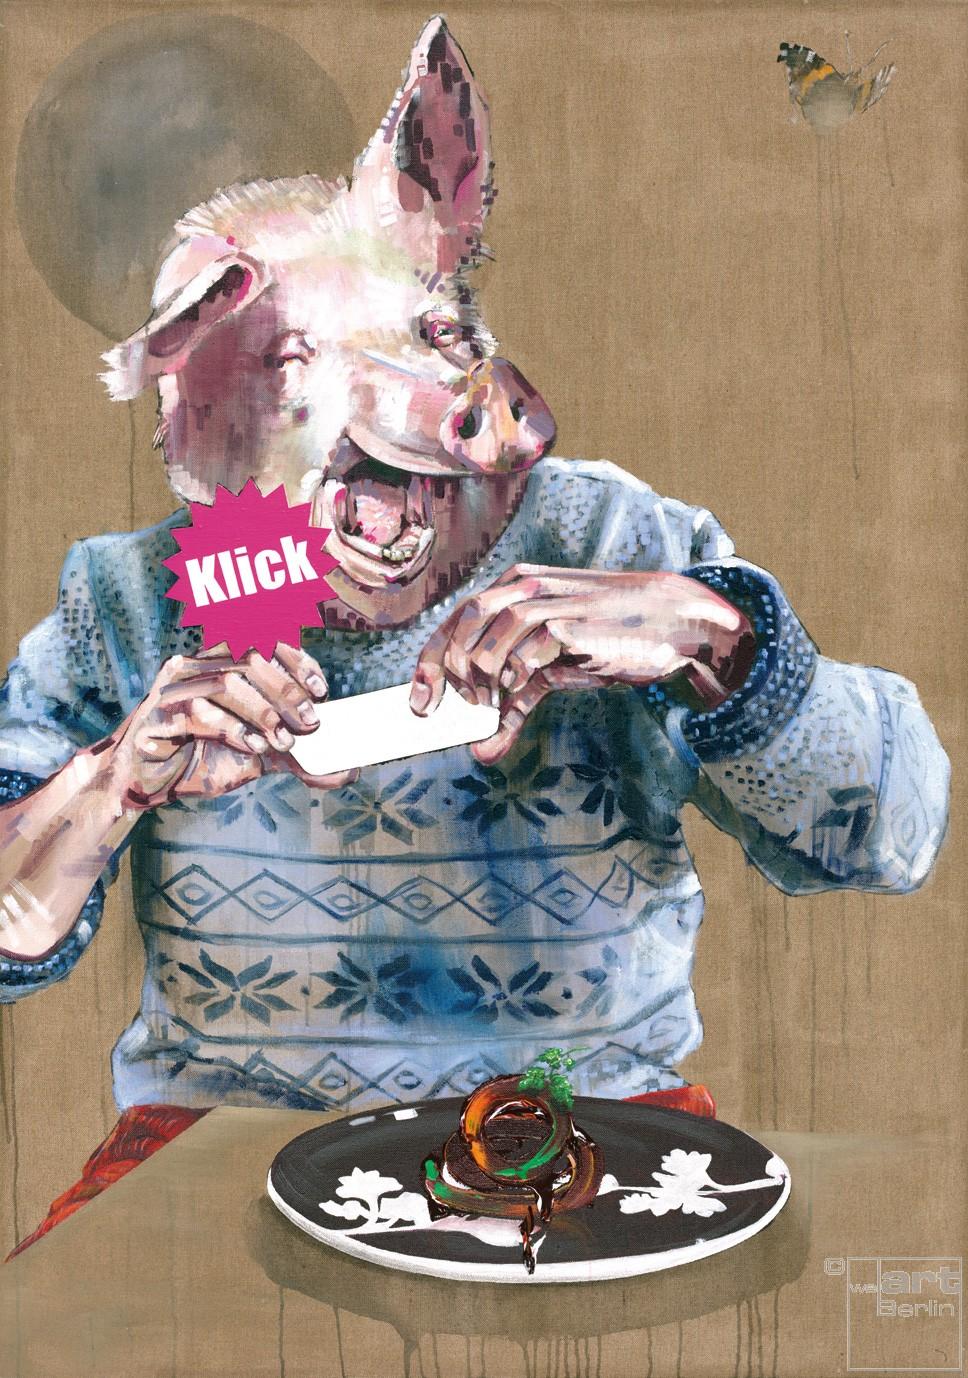 Prahlzeit | Malerei von Holger Weissflog, innerfields | Acryl auf Leinwand, Urban Art